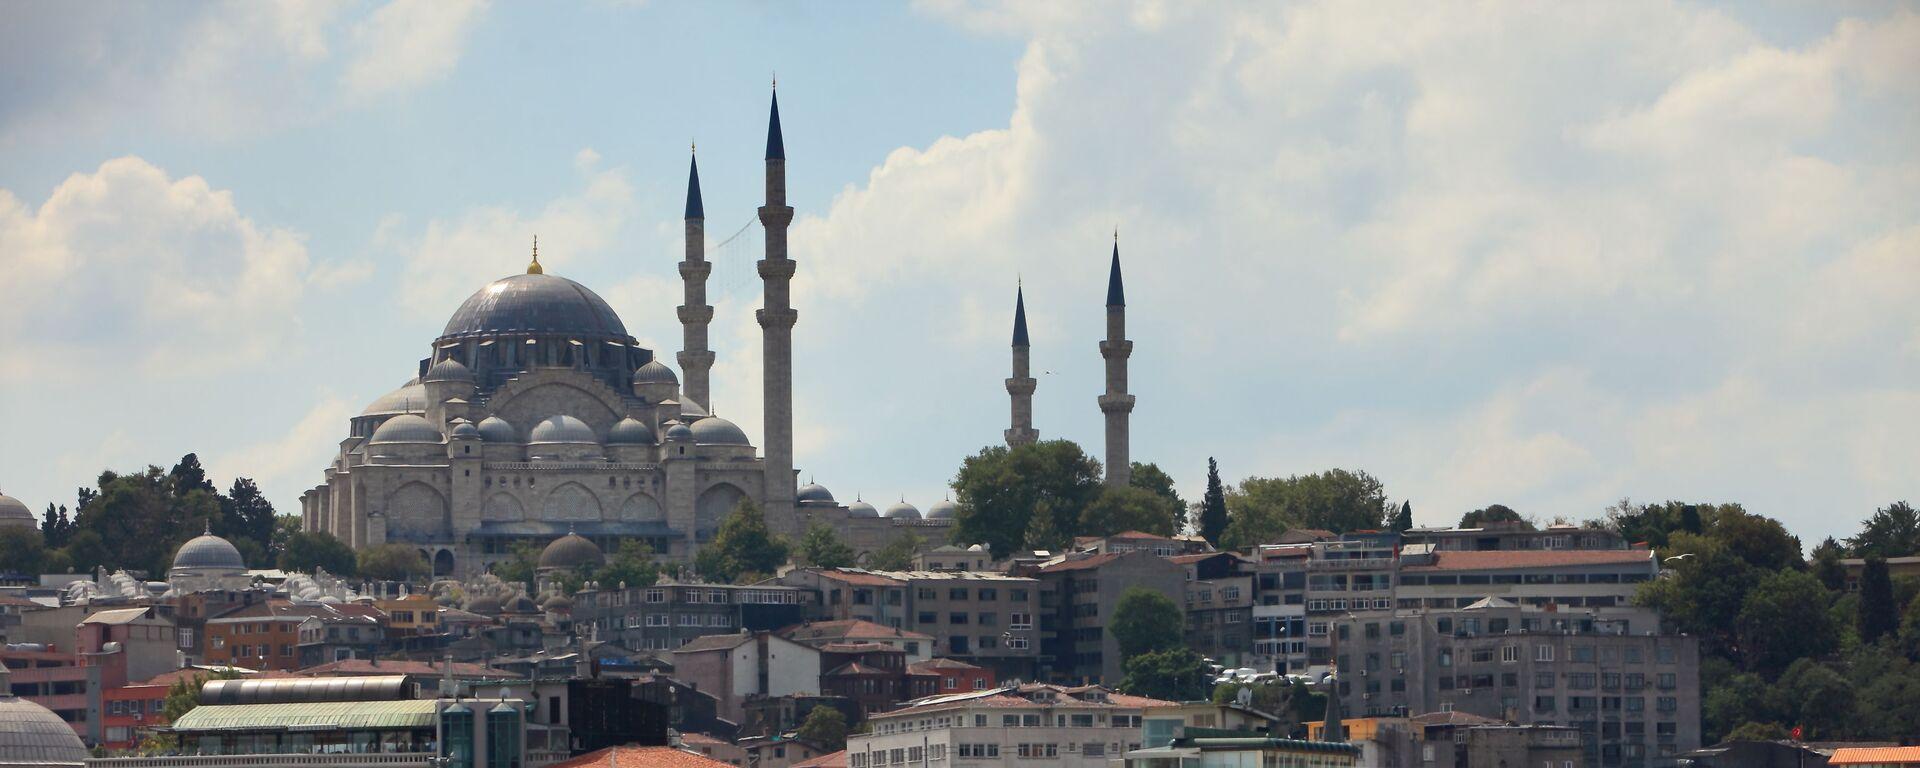 Вид на Голубую мечеть через пролив Босфор в Стамбуле, Турция - Sputnik Армения, 1920, 17.05.2018